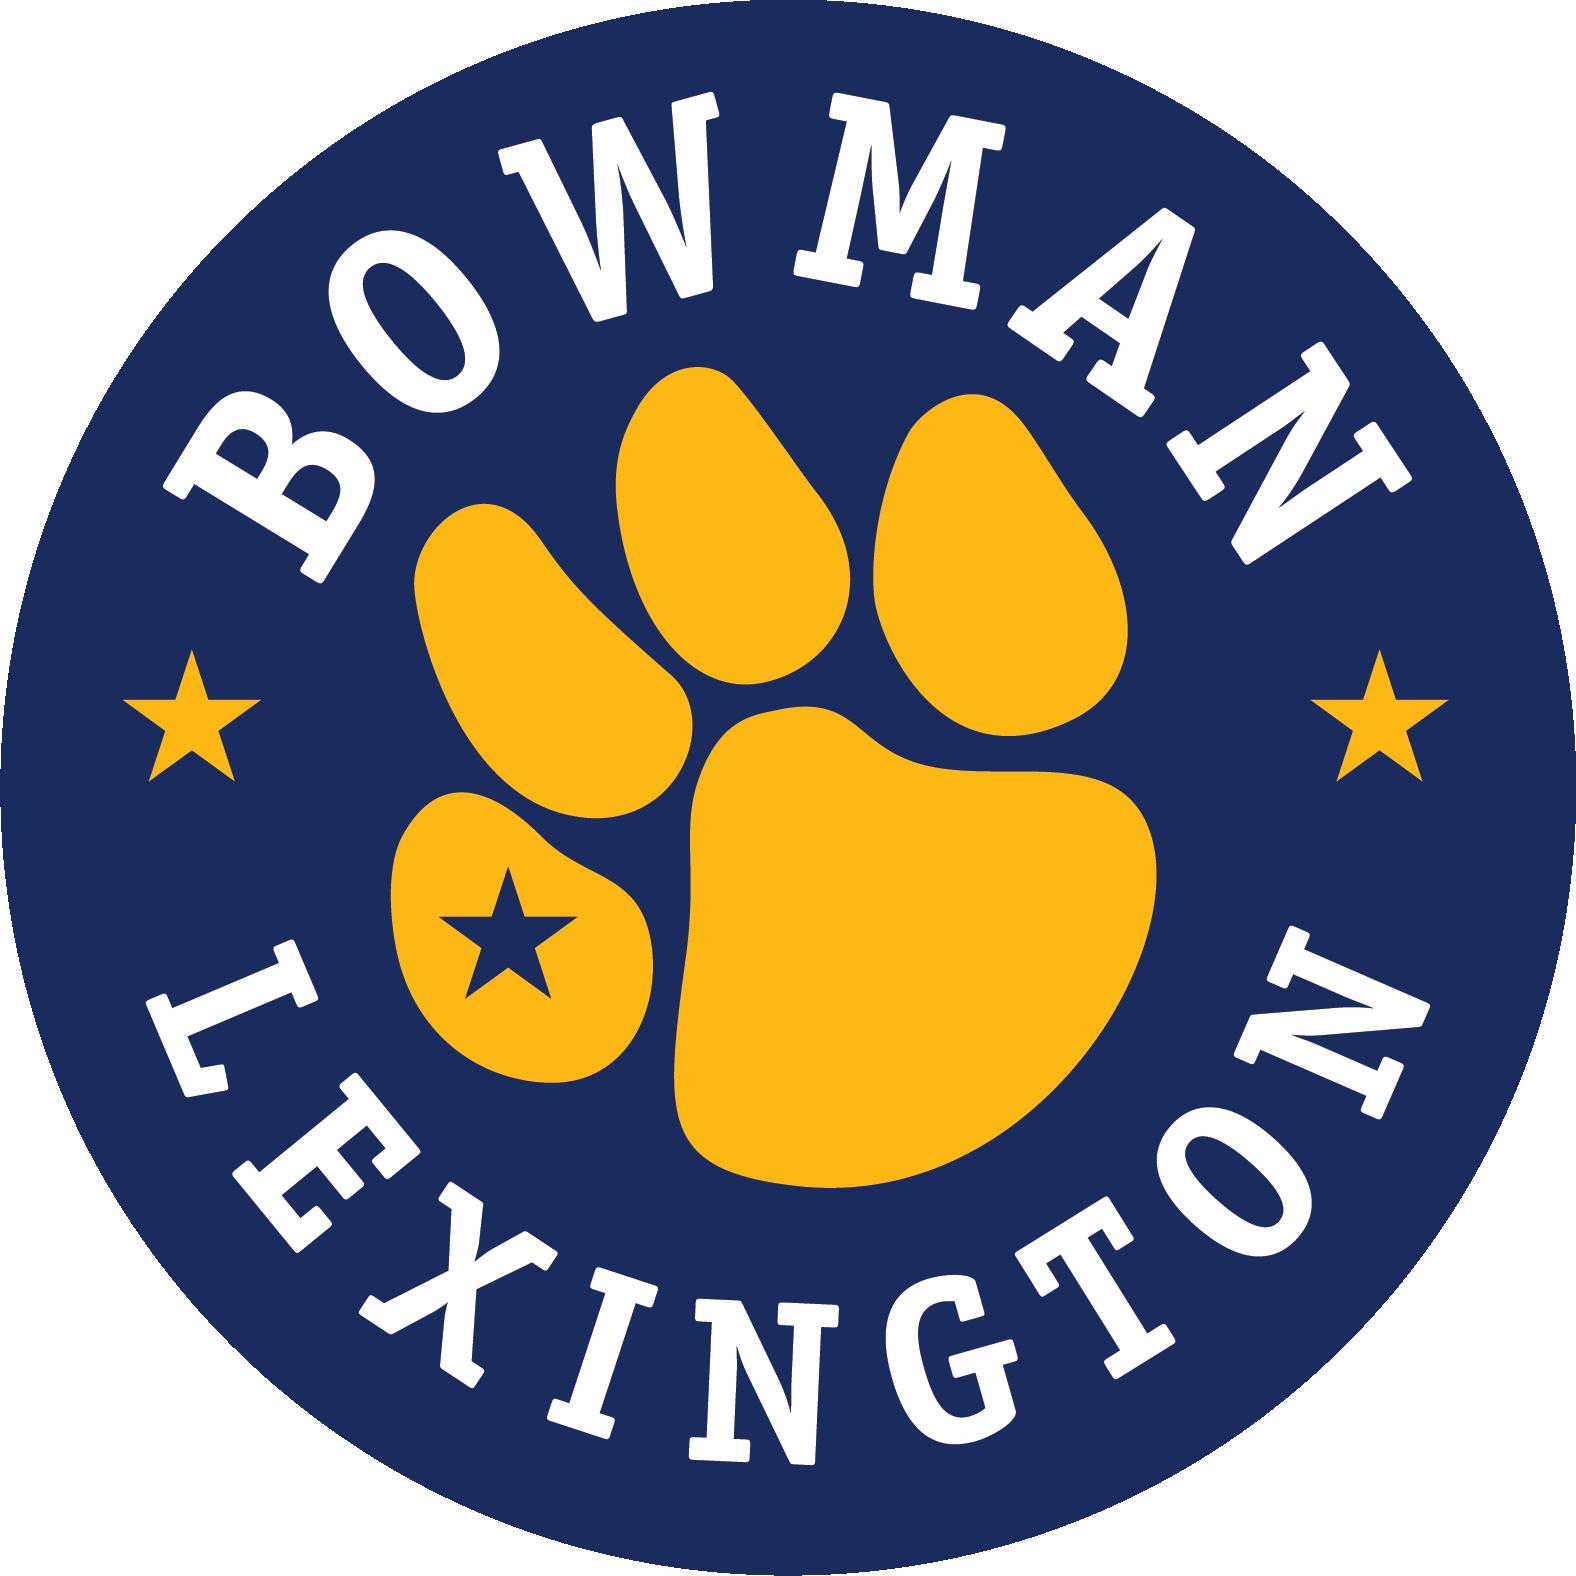 Bowman PTO